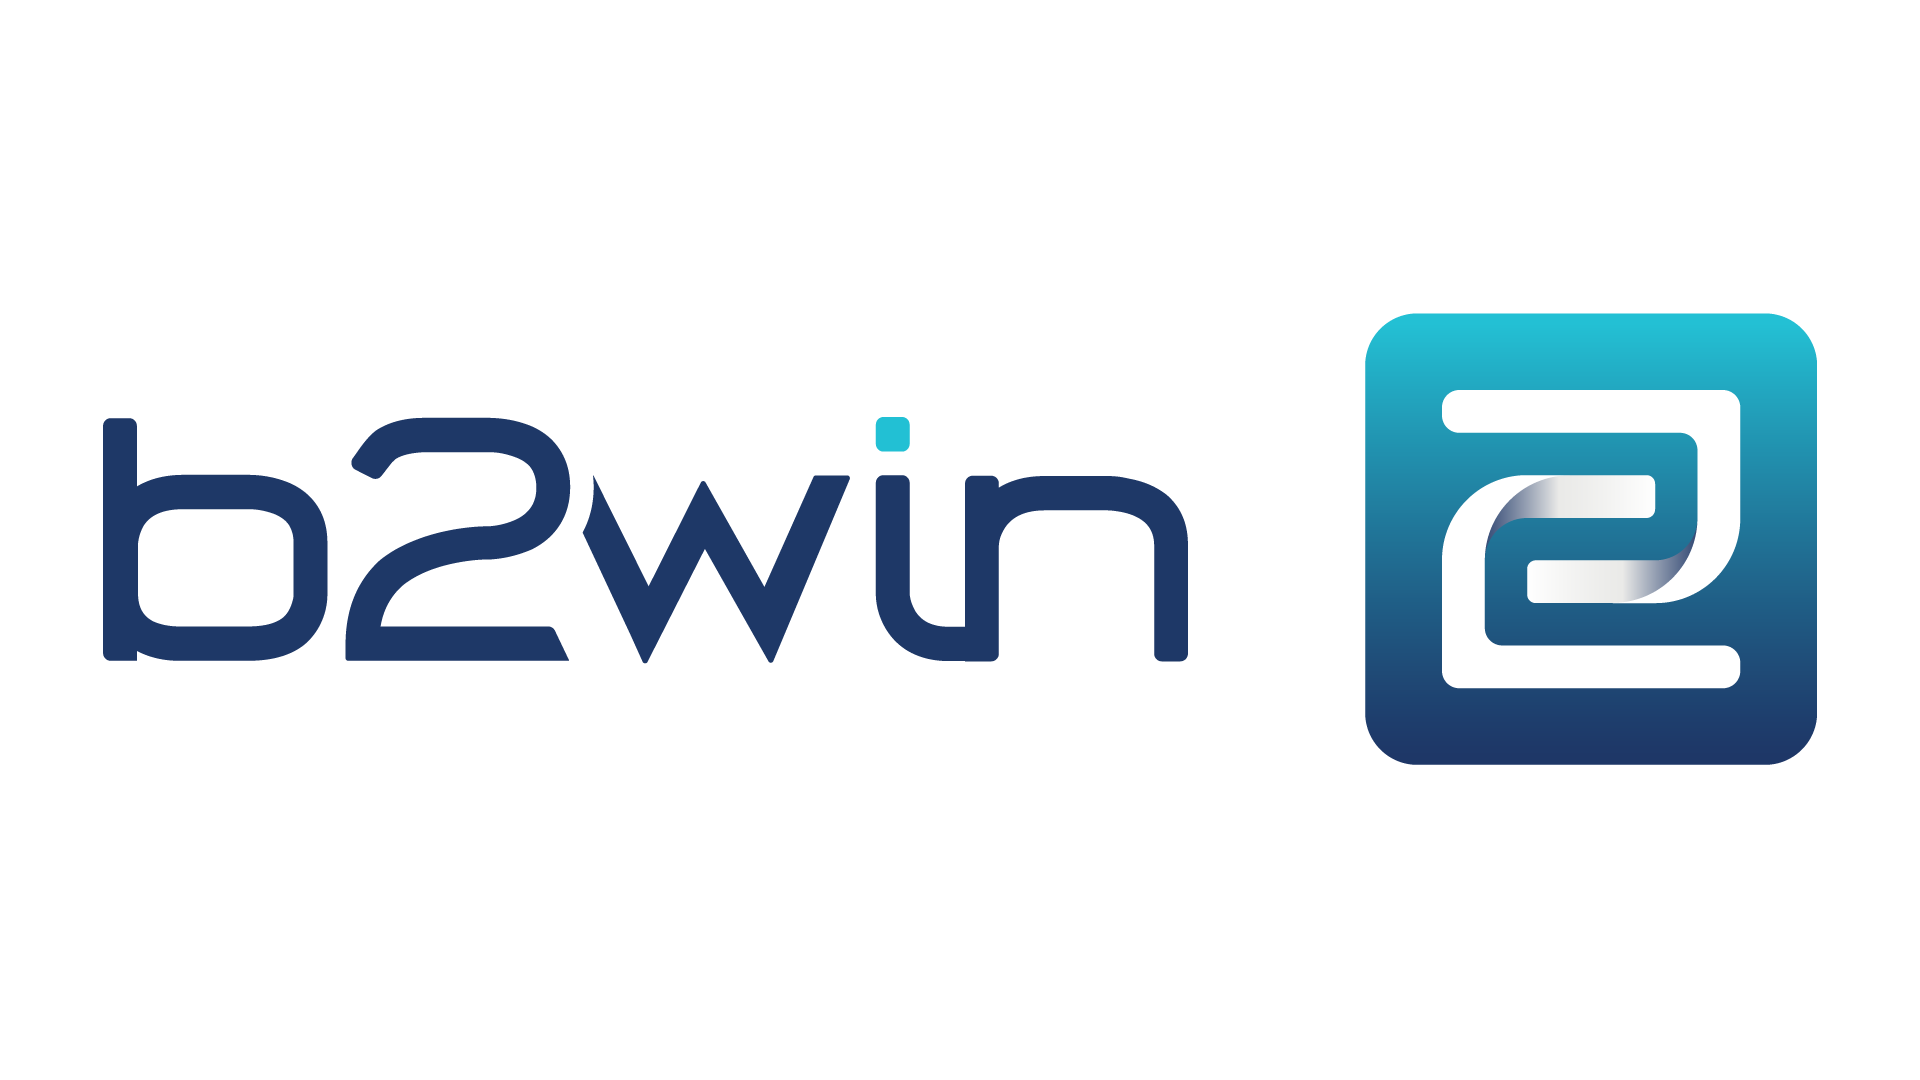 B2win